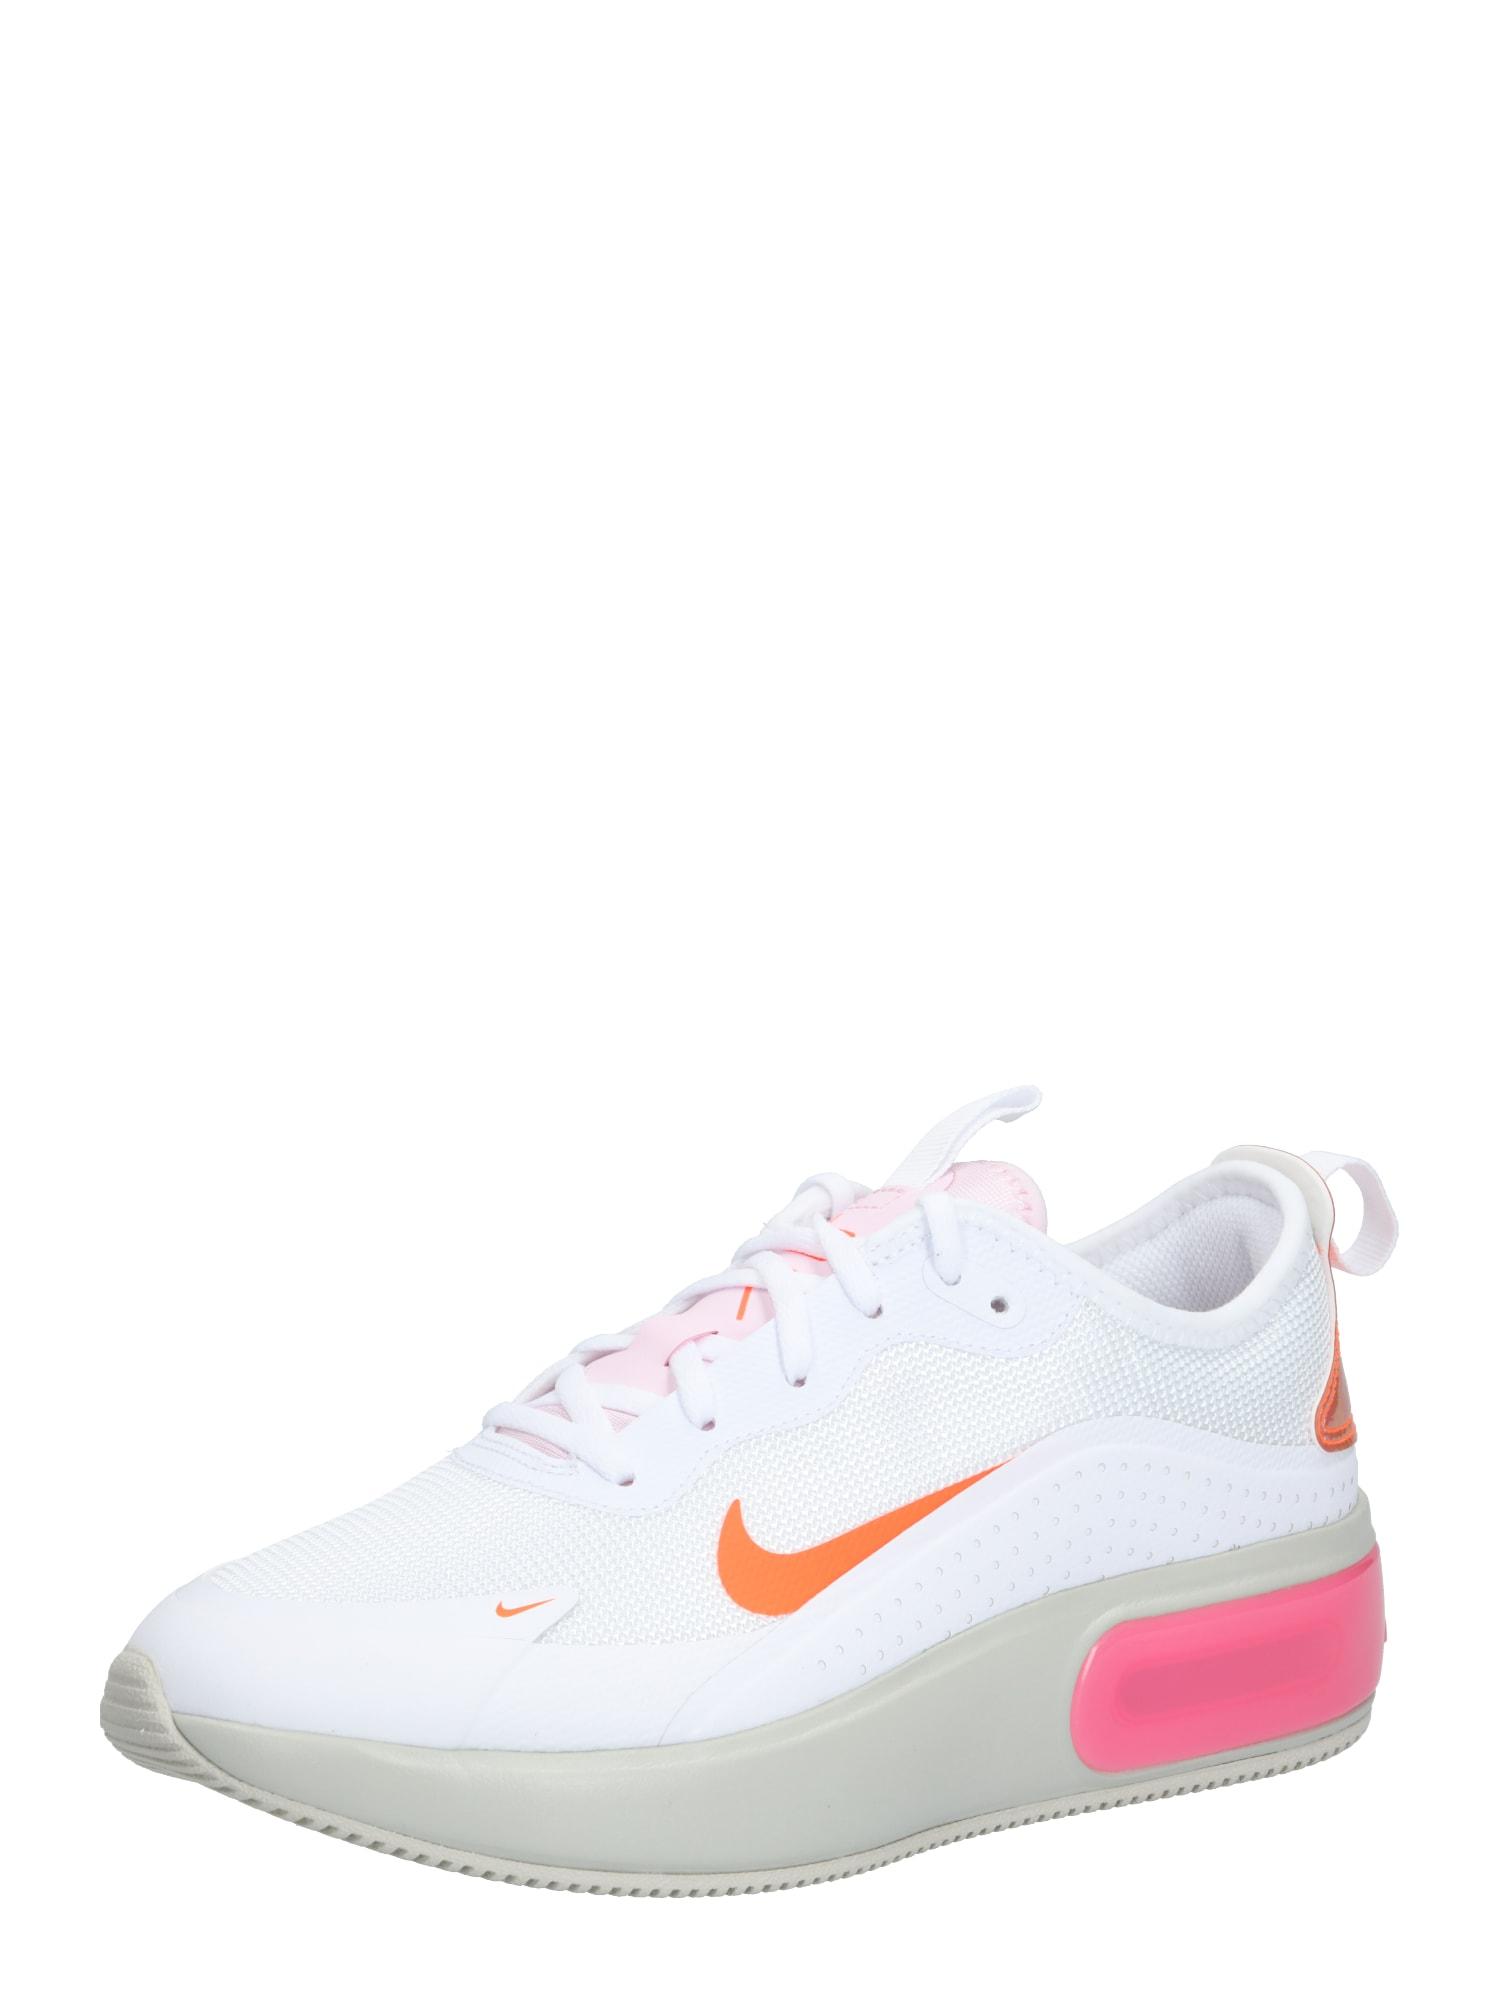 NIKE Sportiniai batai 'Air Max Dia' balta / rožinė